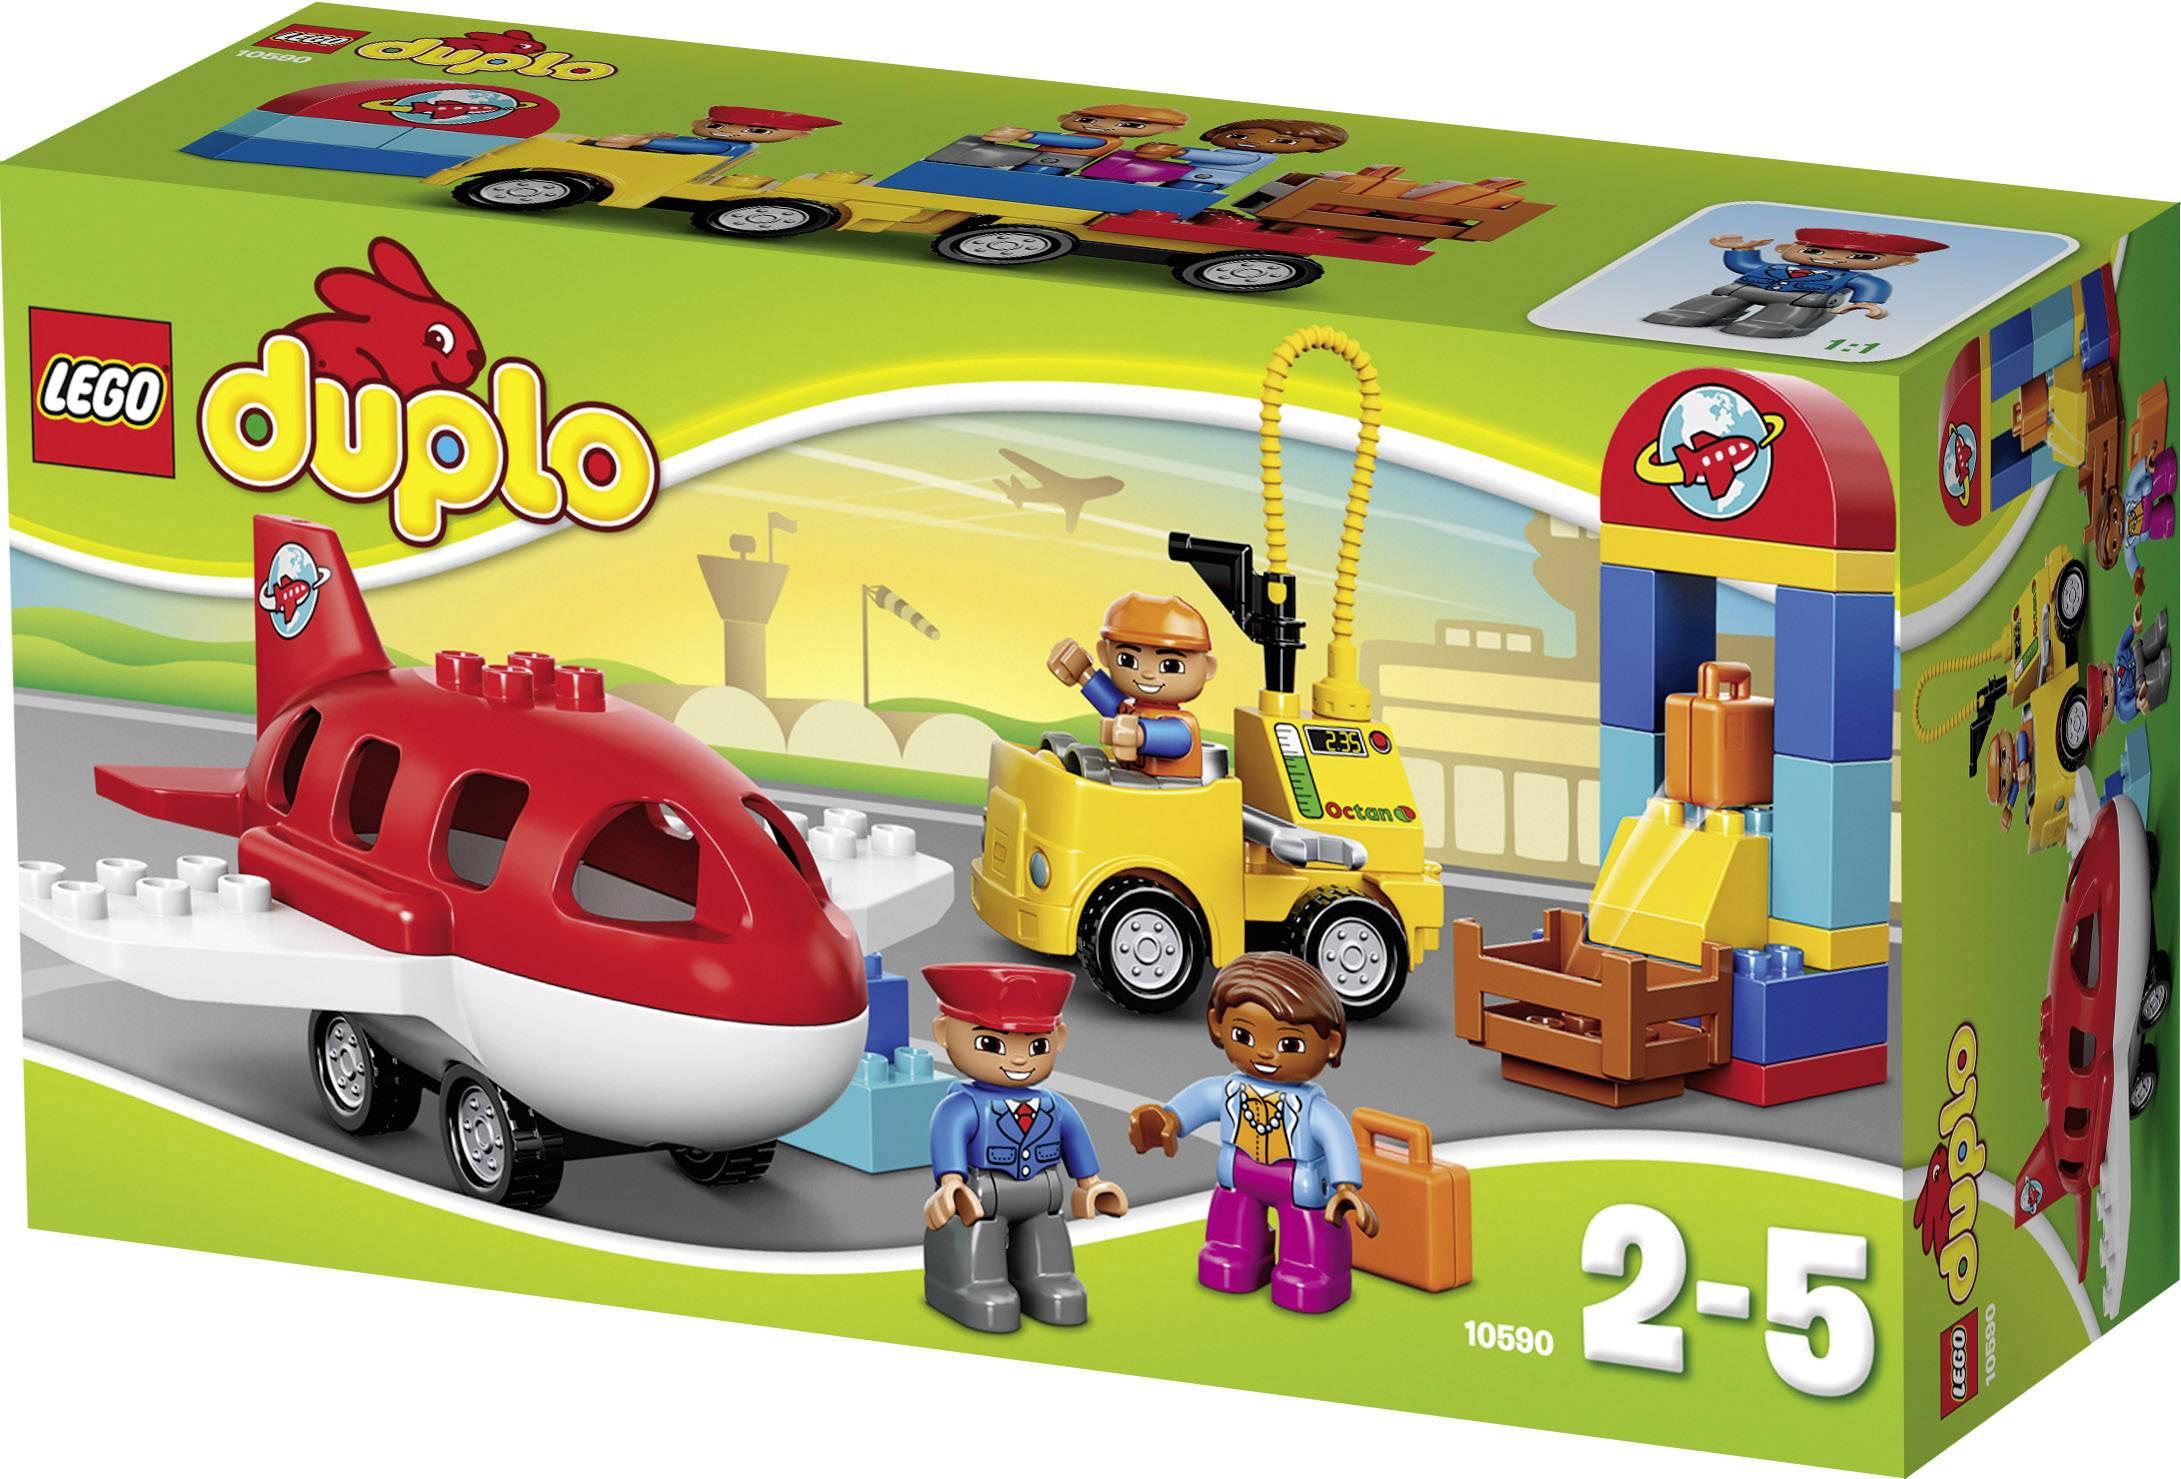 Lego Duplo 10590 Luchthaven Conradnl